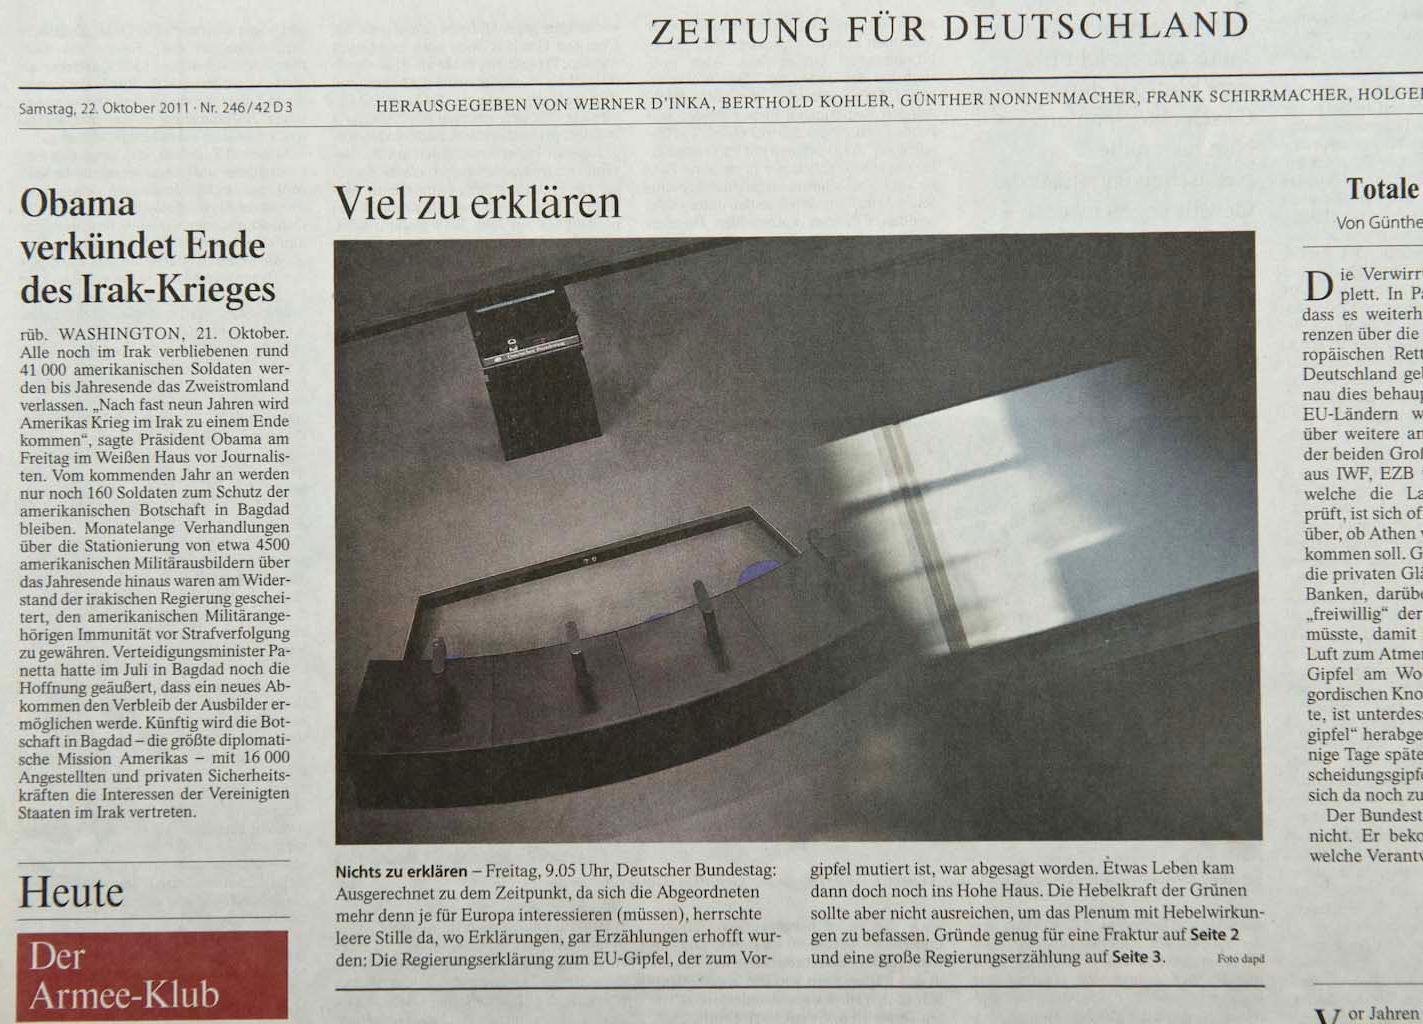 Frankfurter Allgemeine Zeitung, 22.10.11